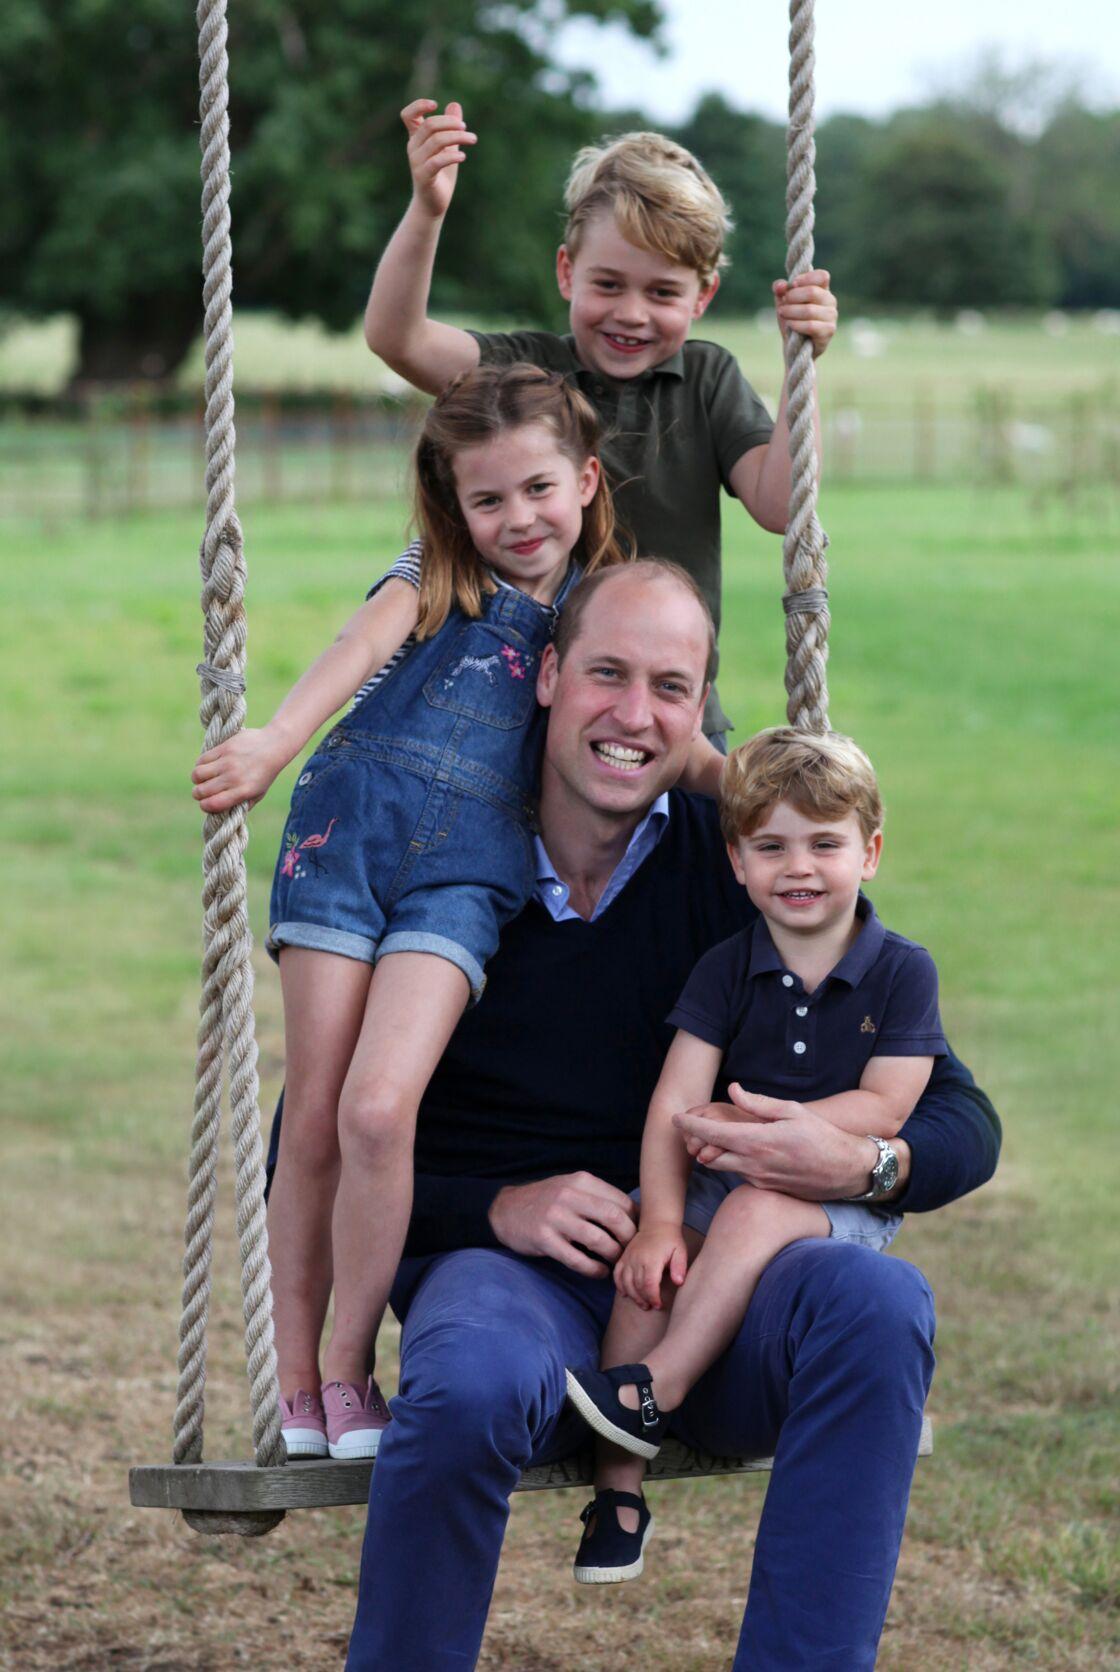 Anniversaire de William : Kate Middleton porte son choix sur les marques H&M et Gap Kids pour ses enfants (photo) - Bénin Web TV